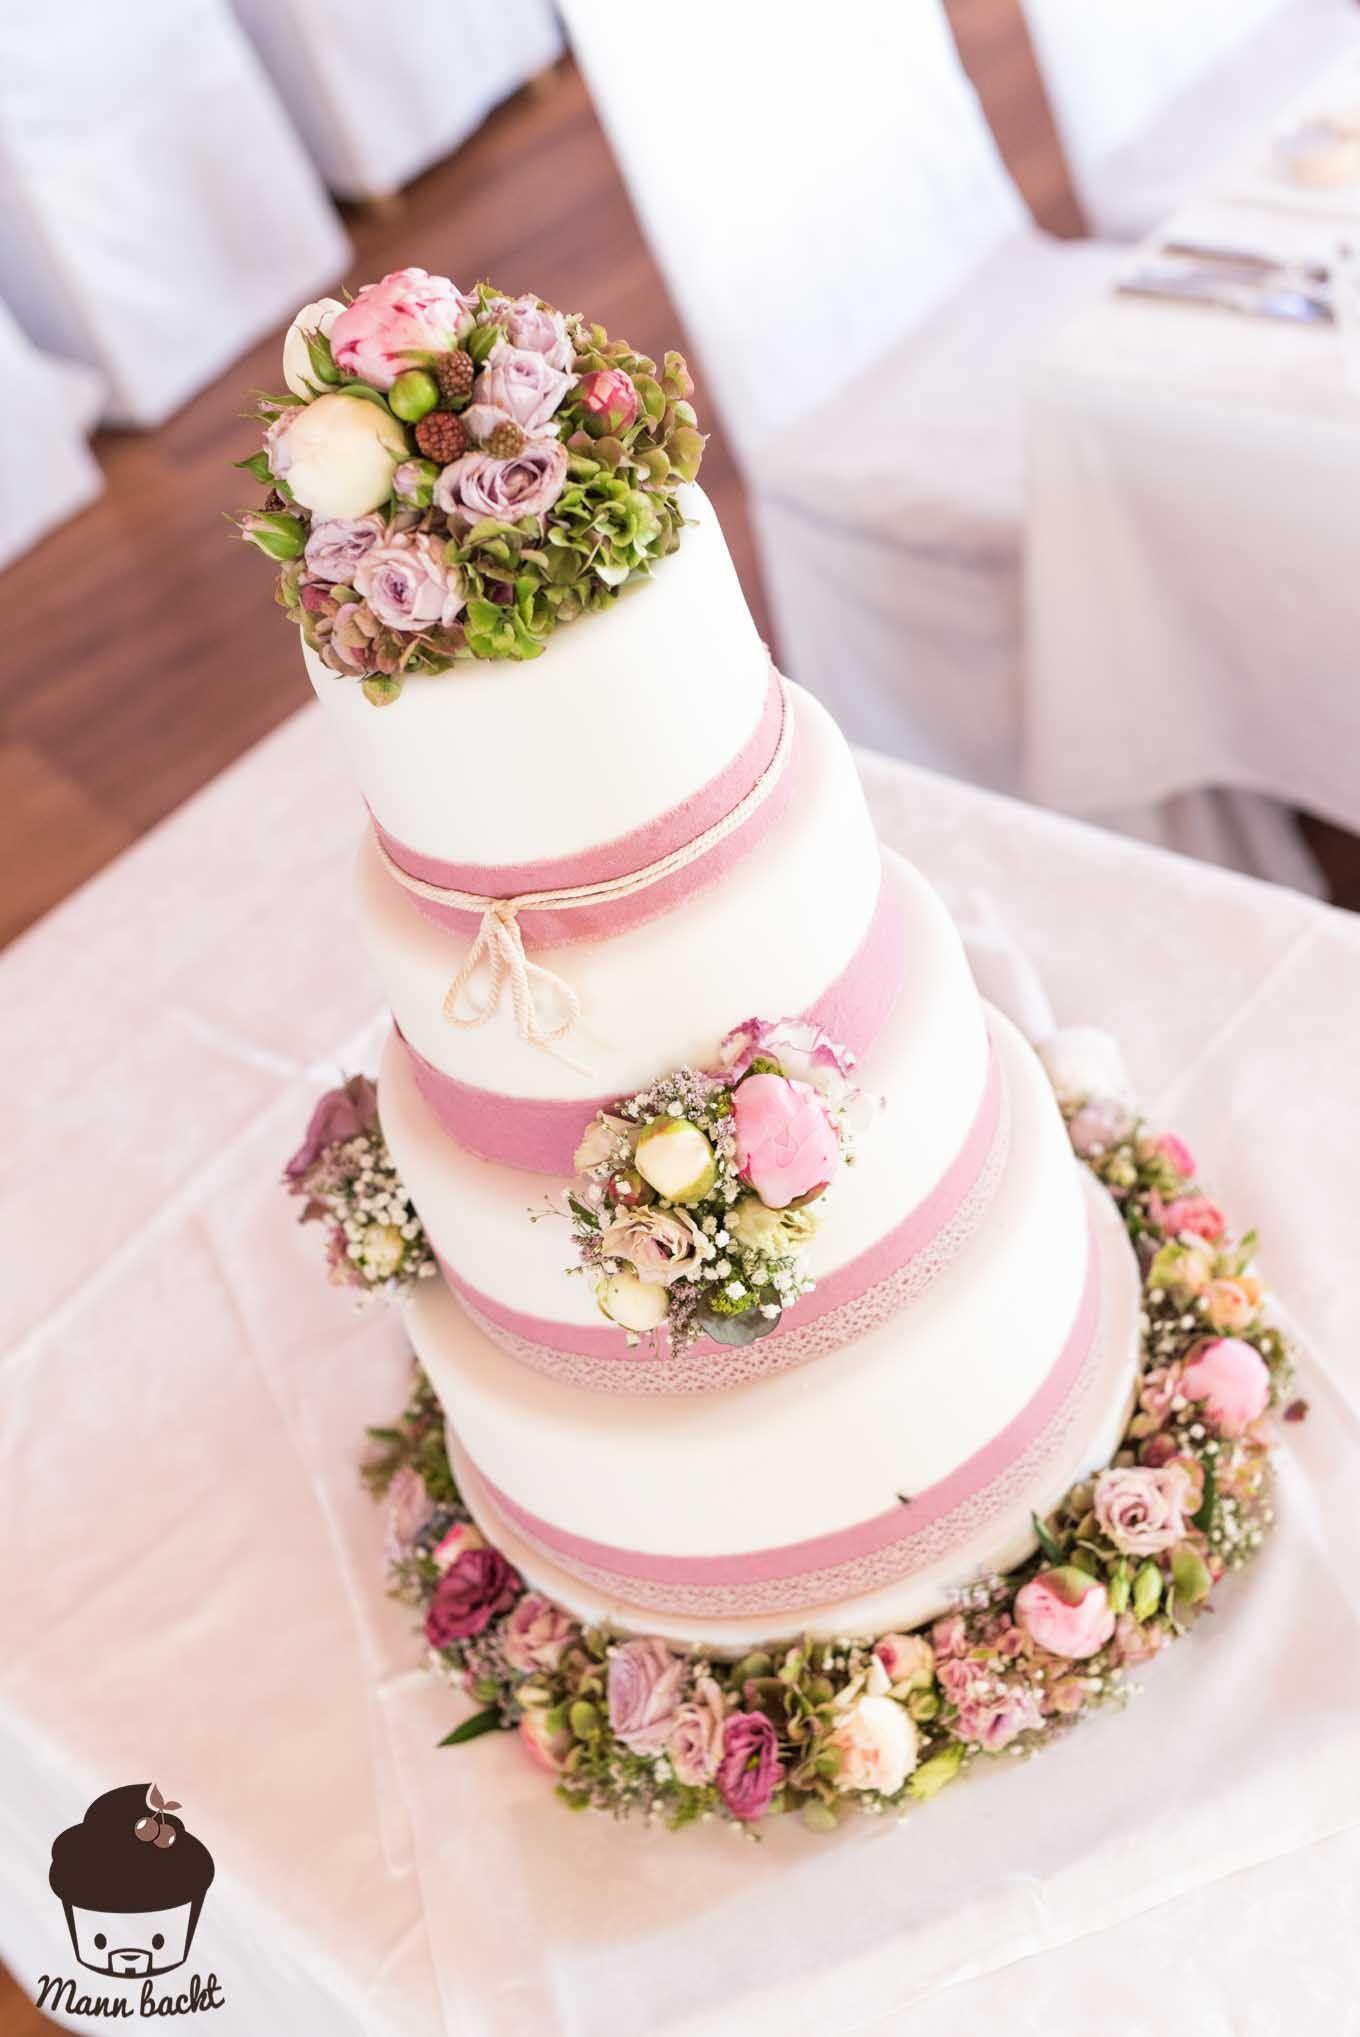 vintage wedding cake im blumenmeer hochzeit pinterest mann backt hochzeitstorten und vintage. Black Bedroom Furniture Sets. Home Design Ideas